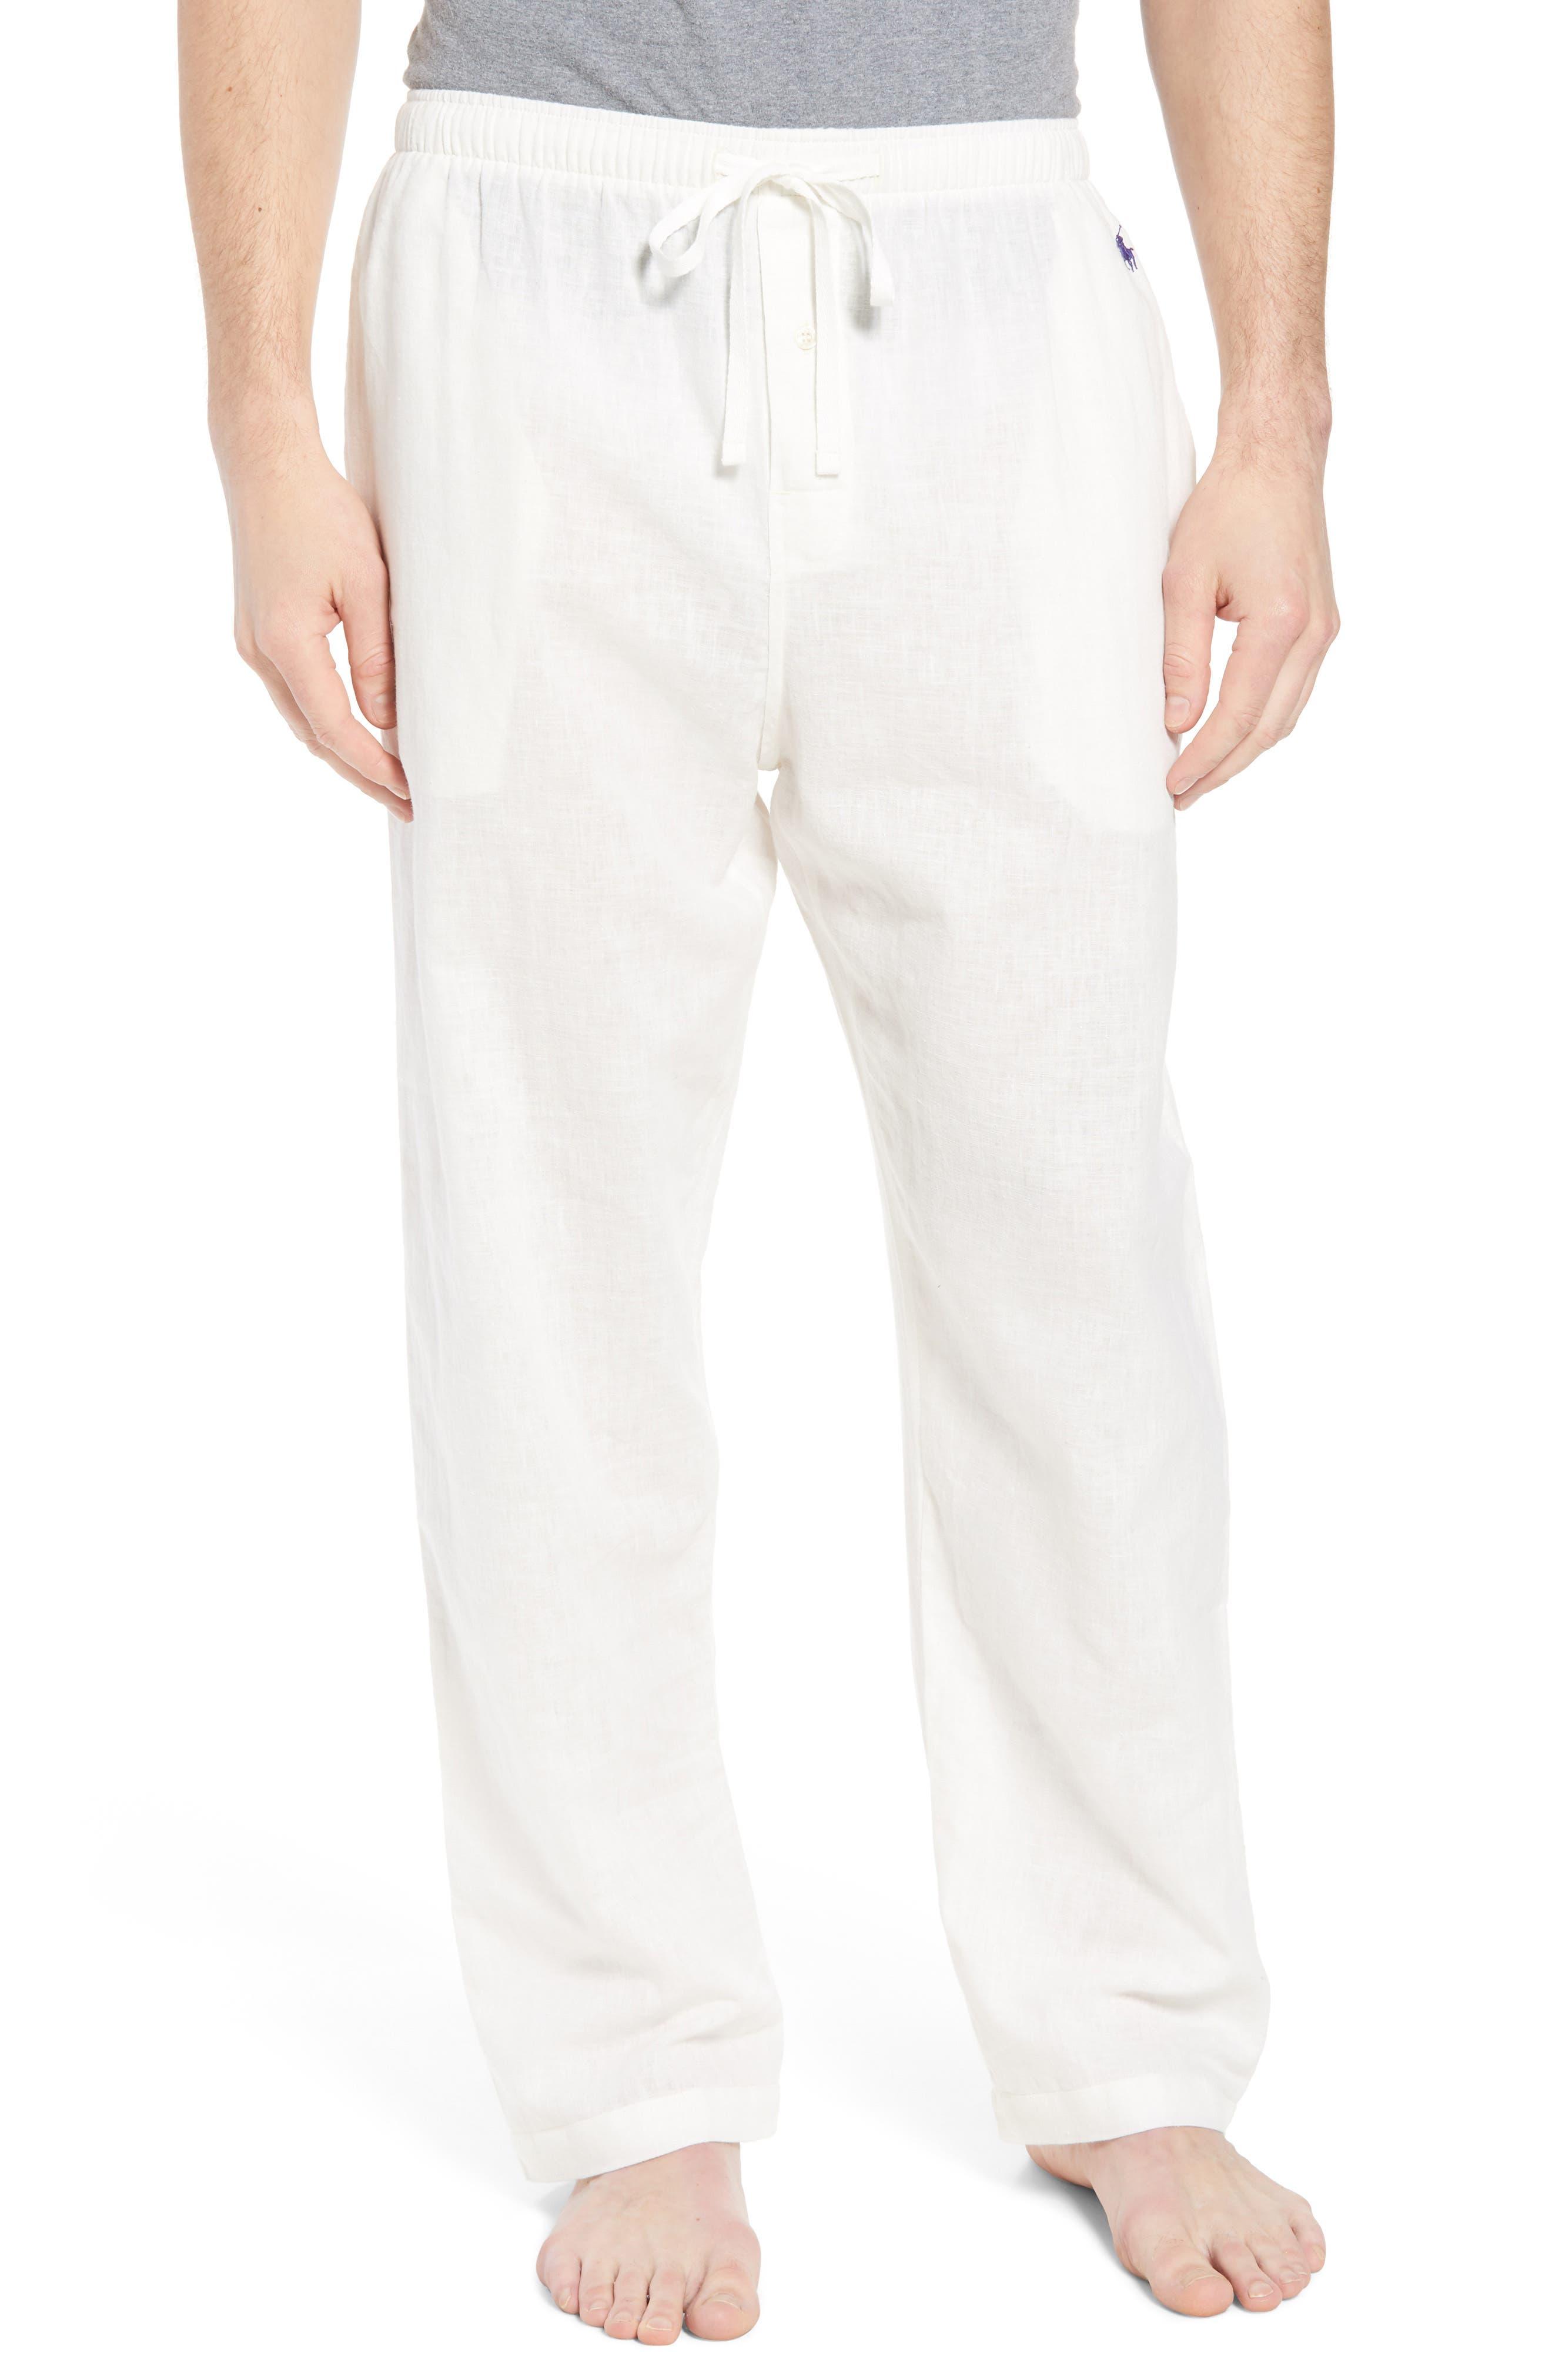 Walker Cotton & Linen Lounge Pants,                         Main,                         color, NEVIS/ BRIGHT NAVY